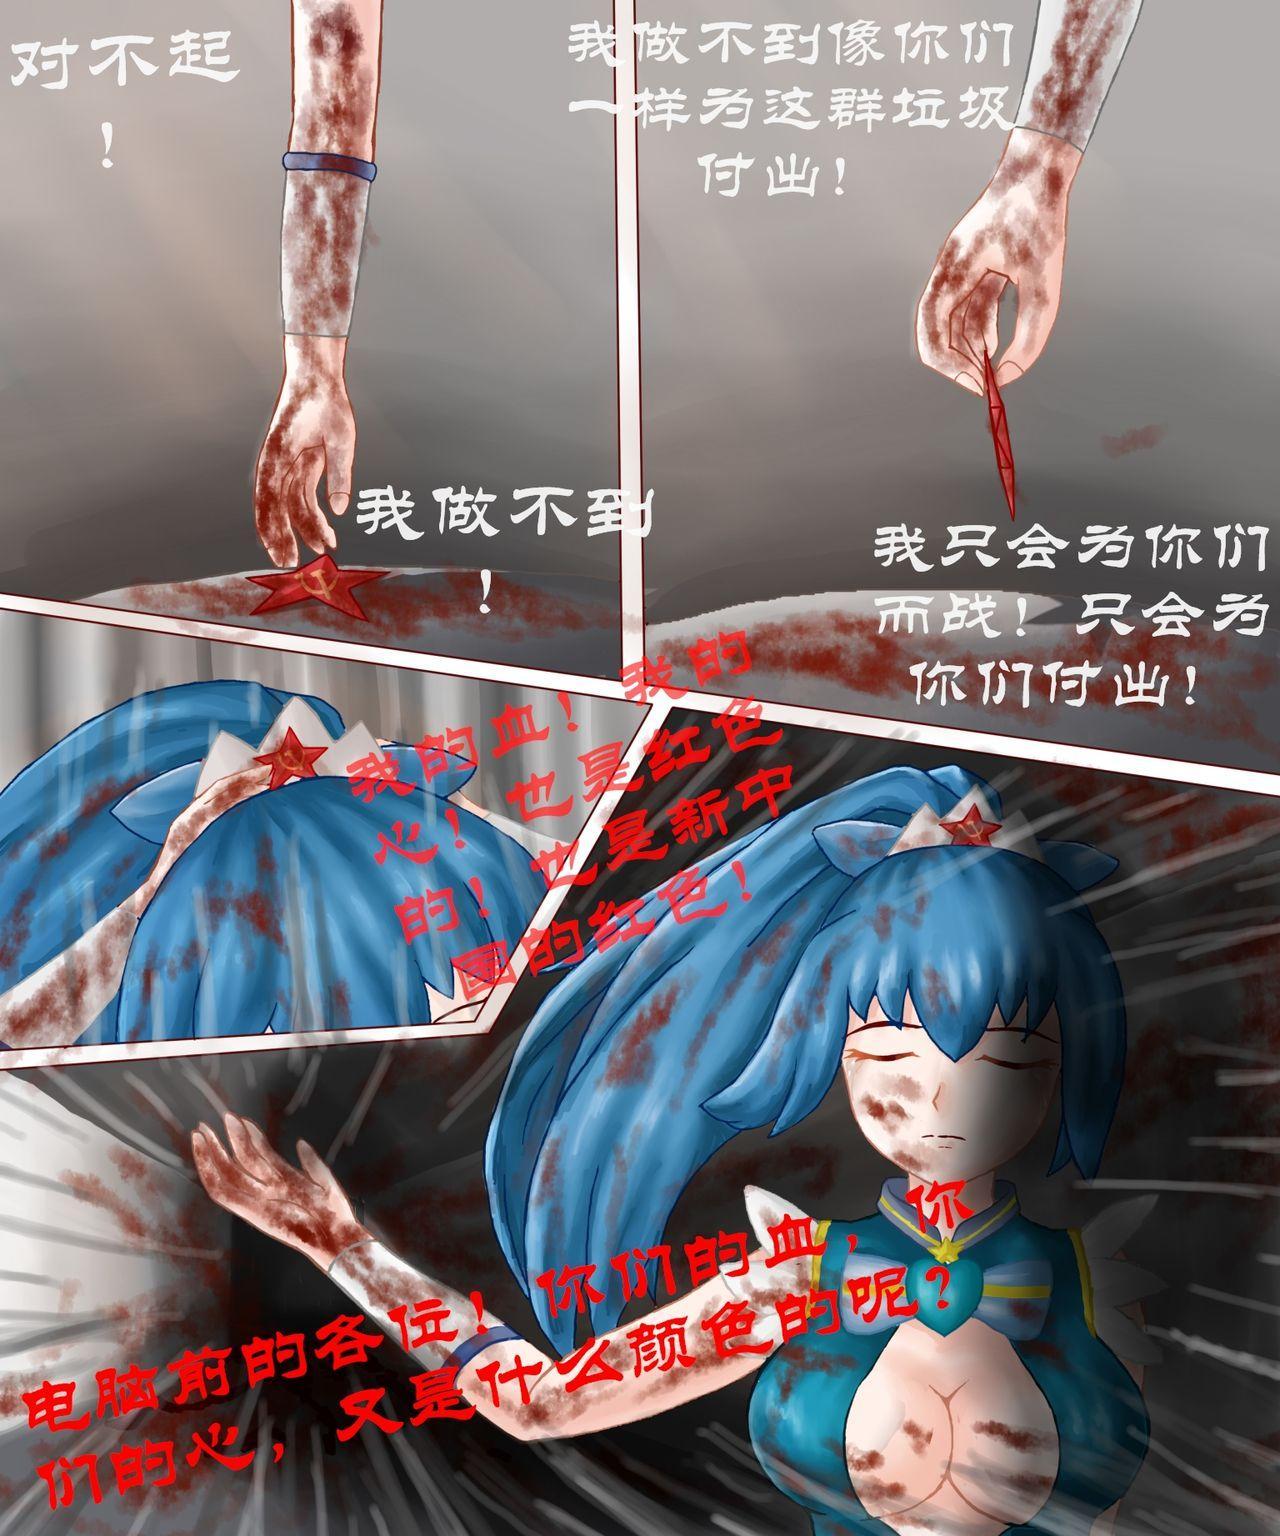 TG娘最终话 21